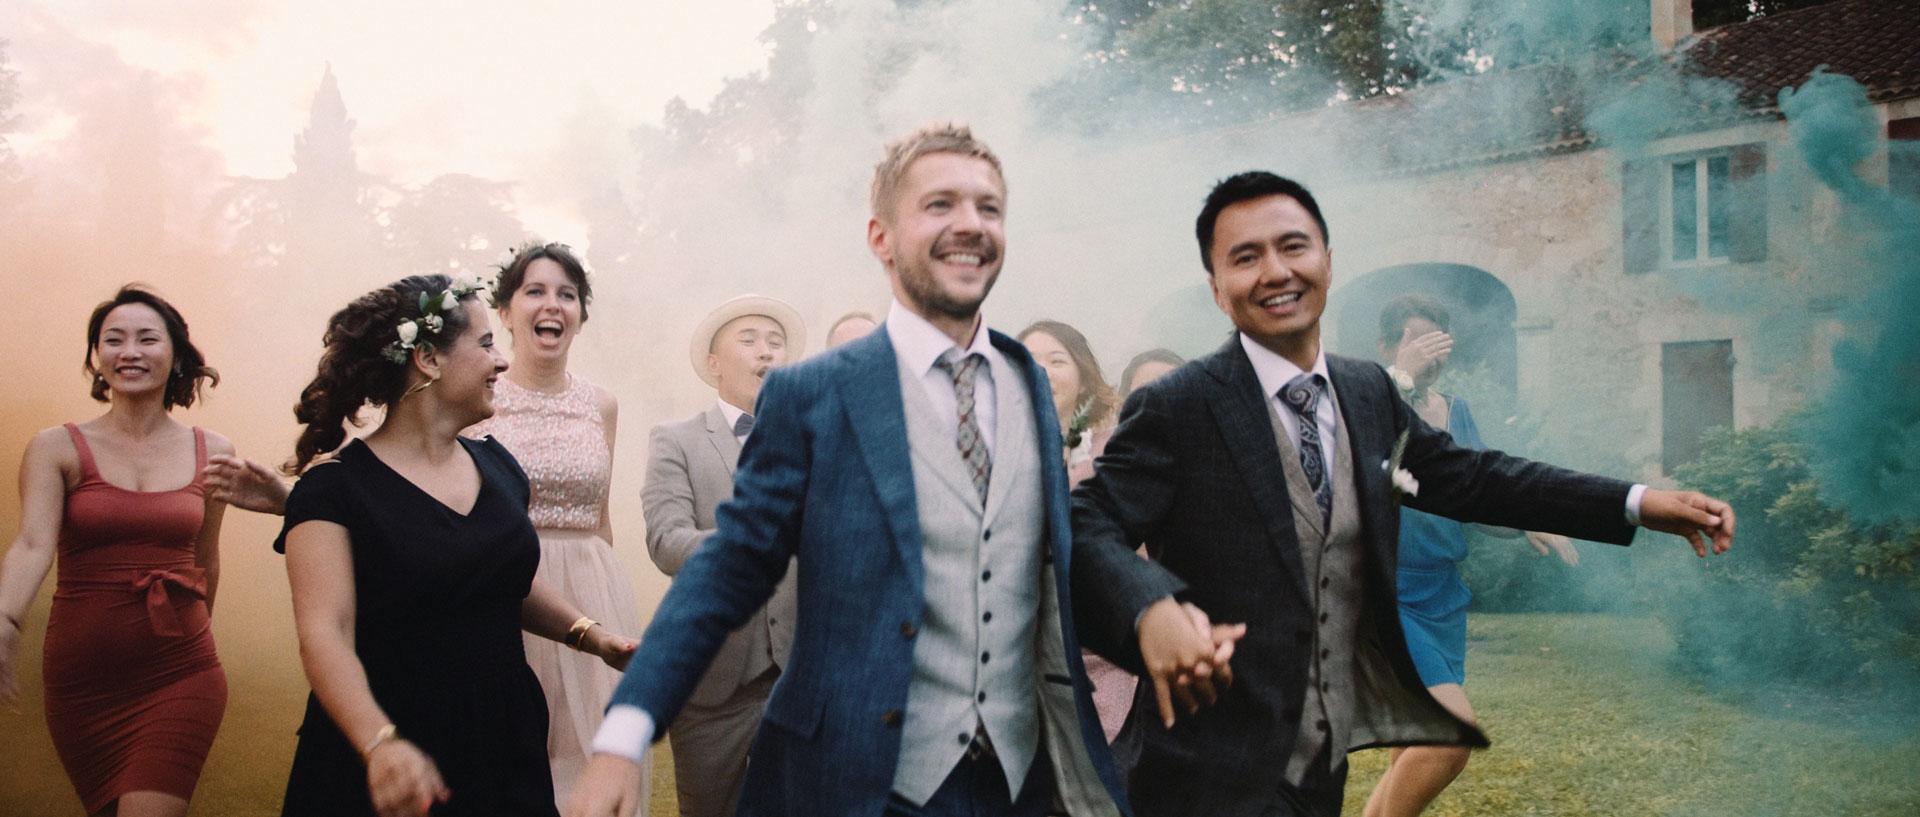 Sam-&-David---Wedding-Film.00_02_26_17.jpg